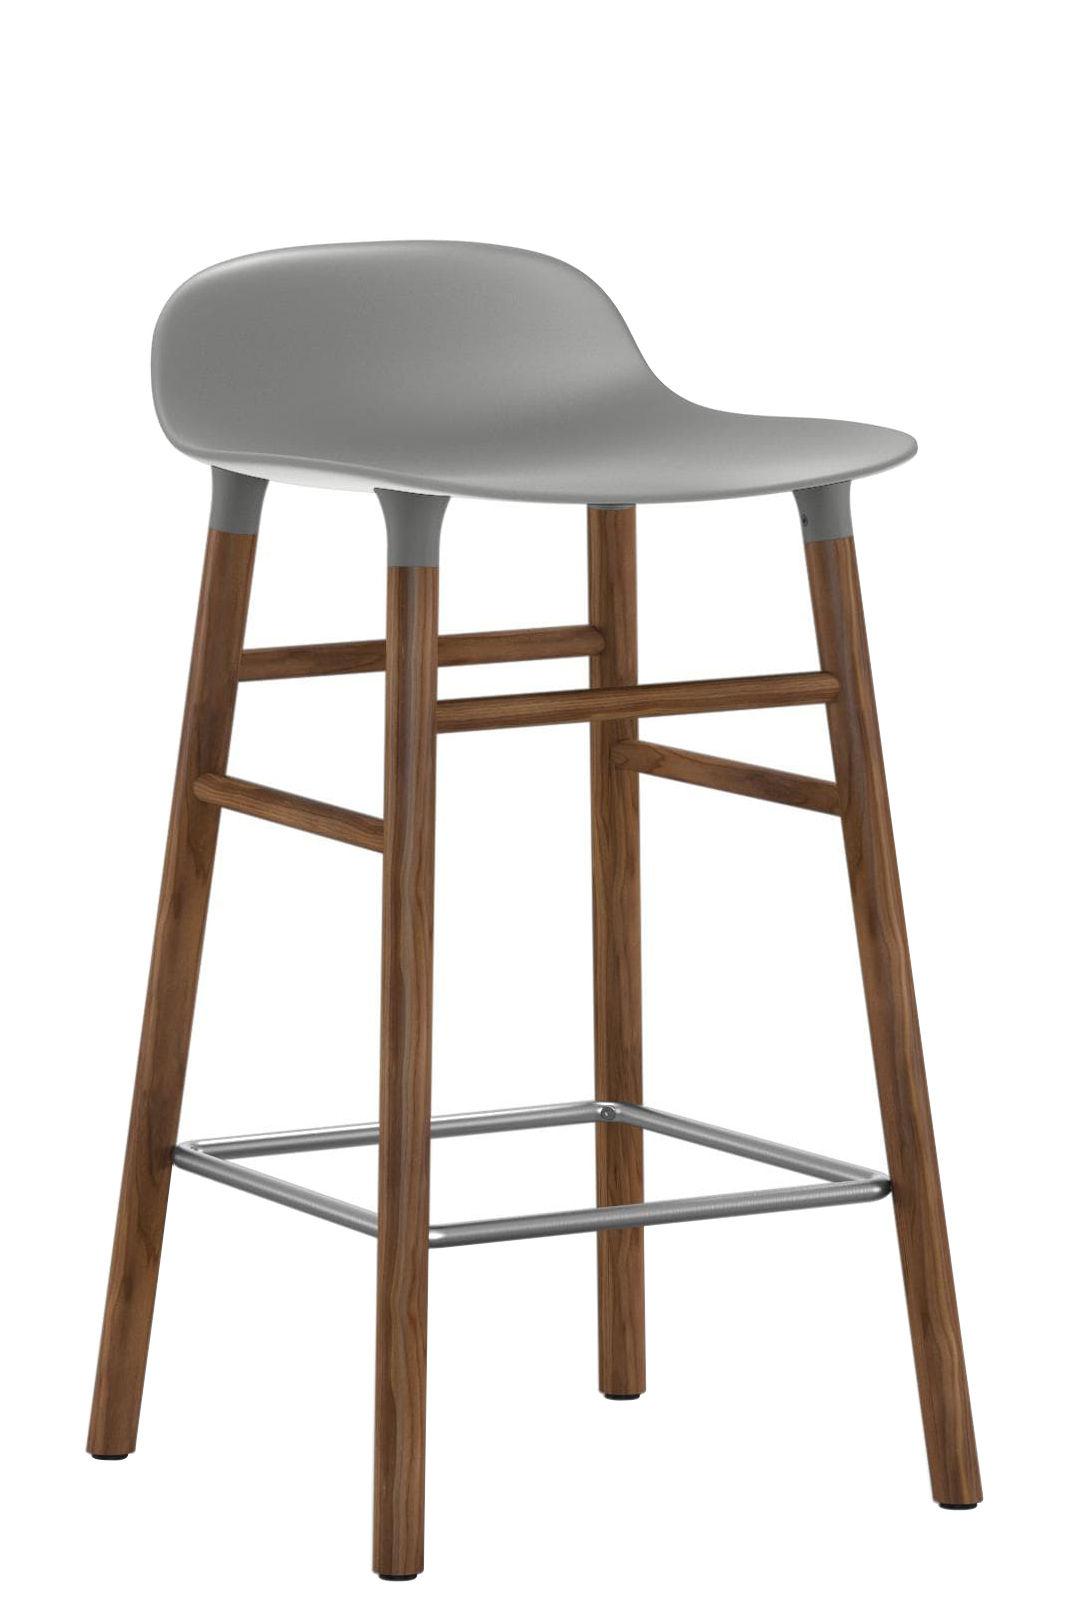 tabouret de bar form h 65 cm pied noyer gris noyer normann copenhagen. Black Bedroom Furniture Sets. Home Design Ideas